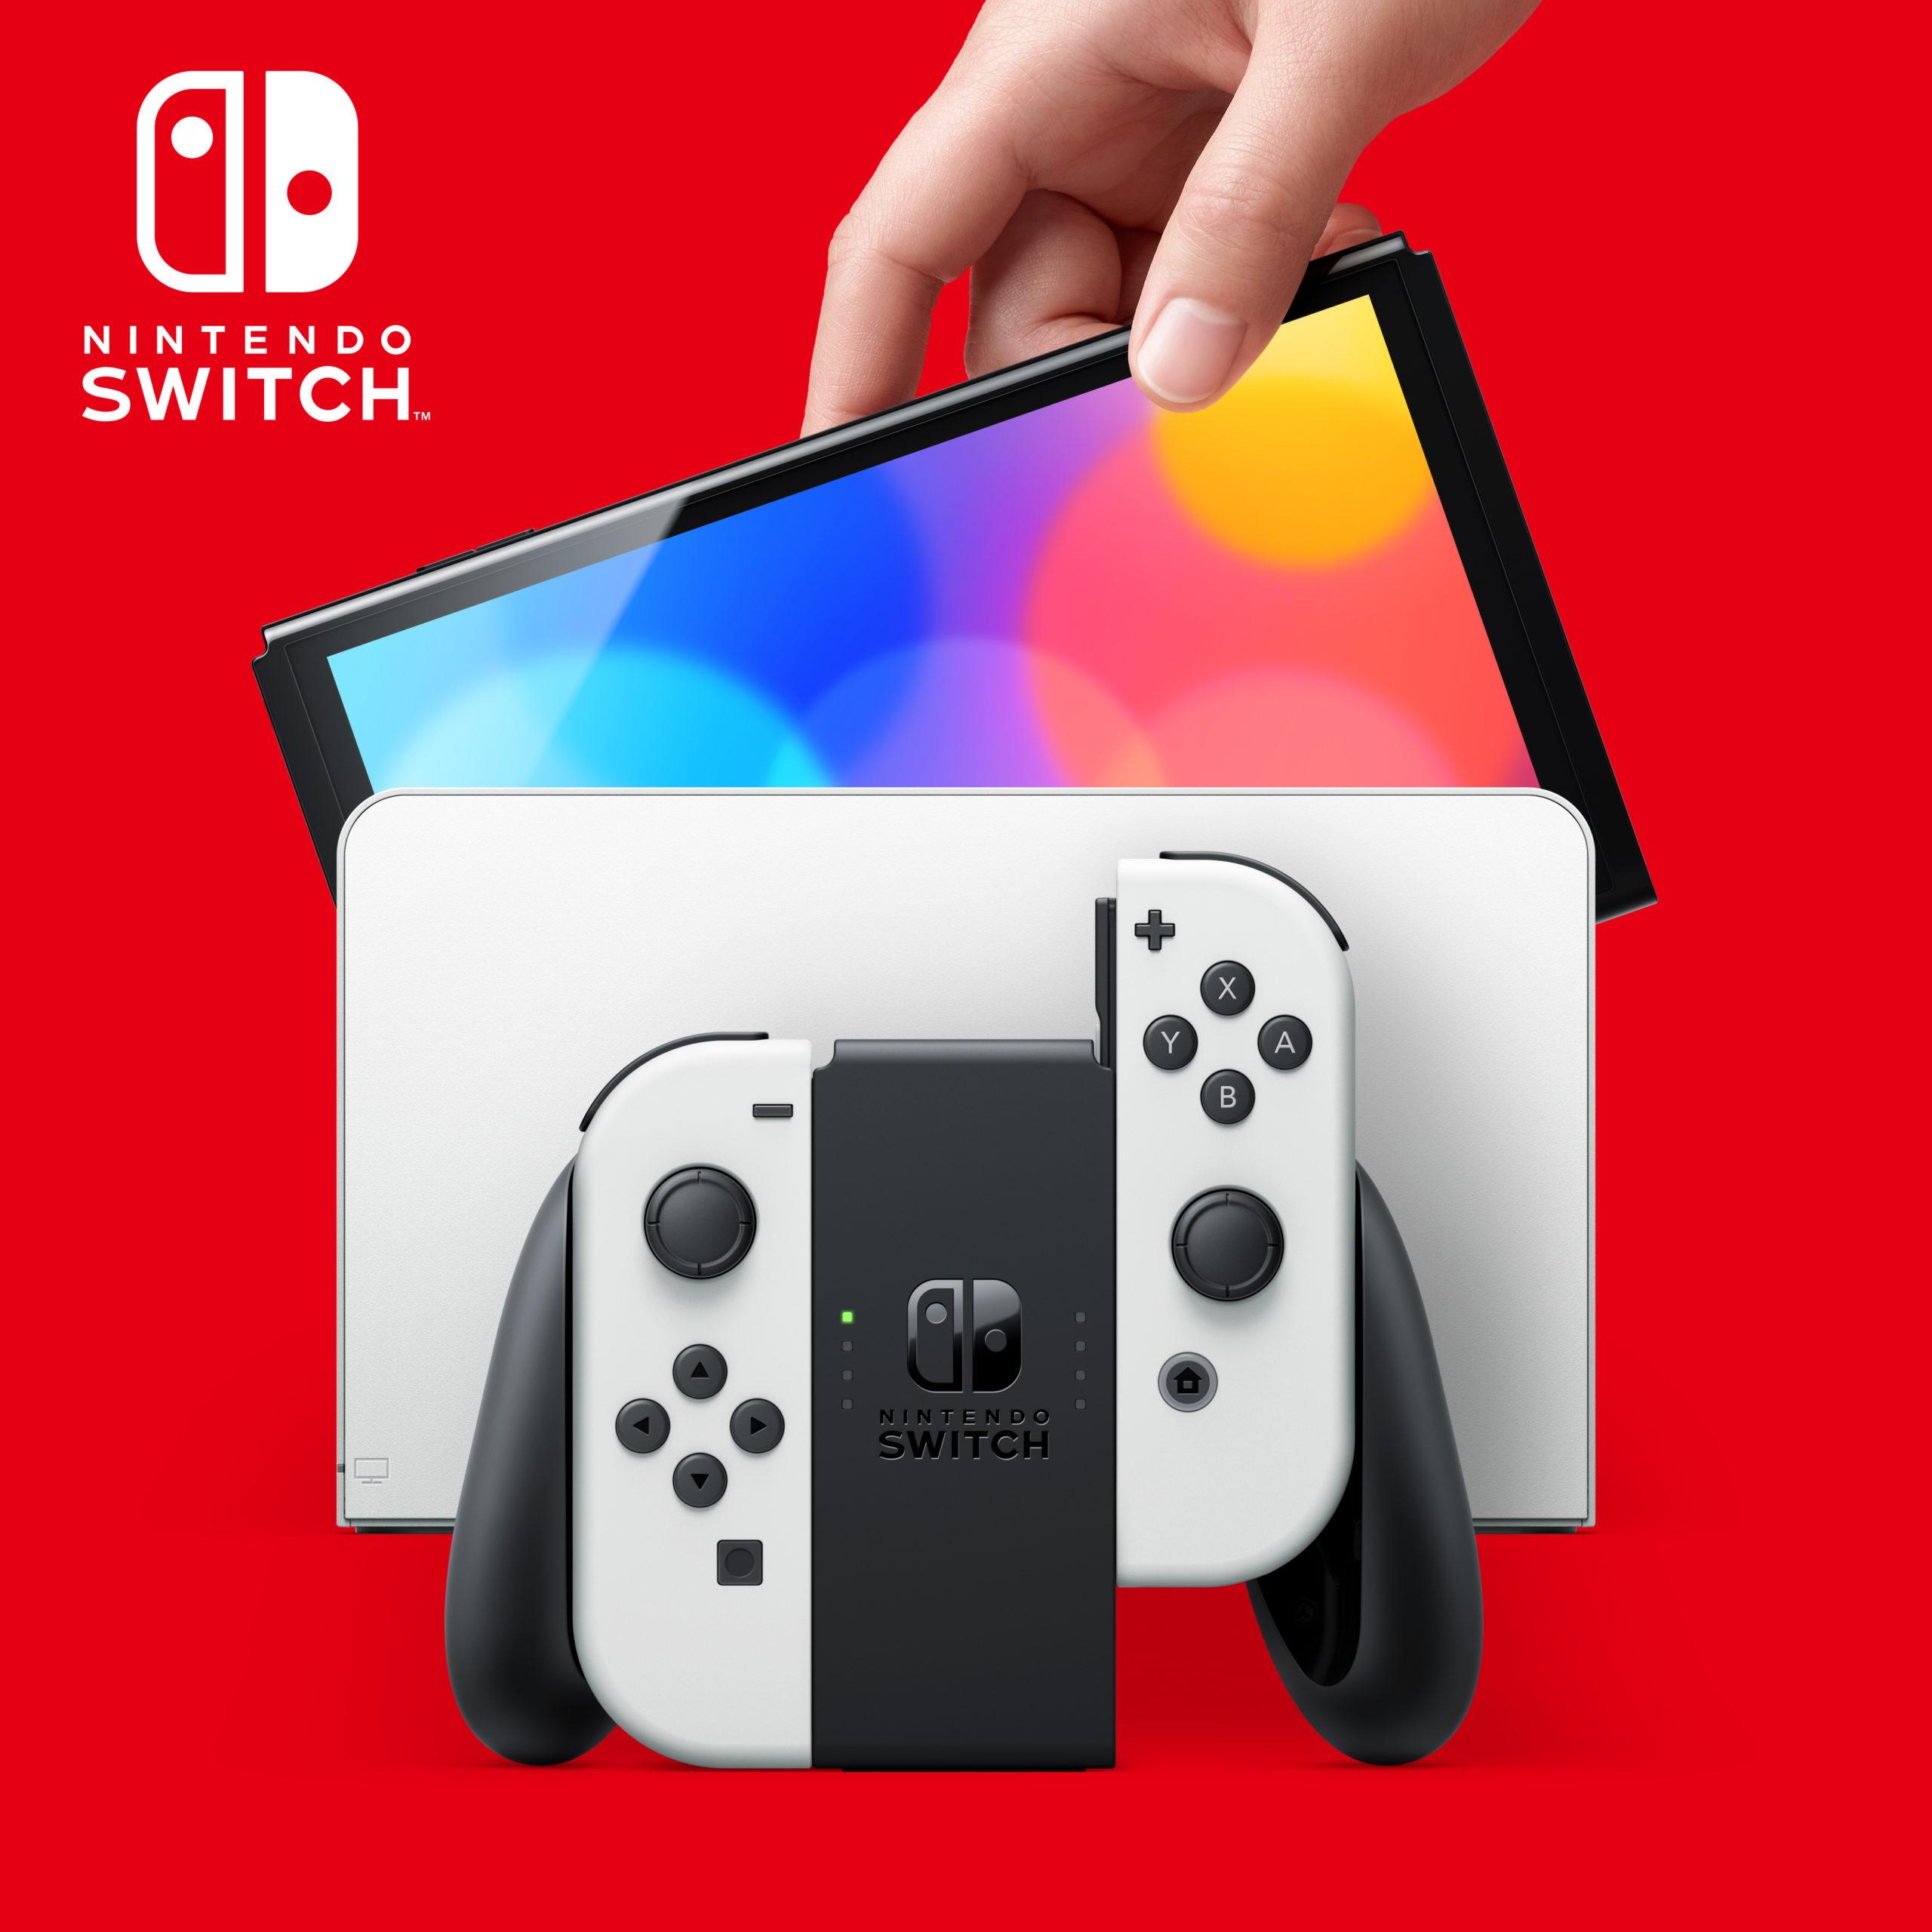 La plus grande amélioration de la nouvelle Nintendo Switch (Modèle OLED) est au niveau de l'écran qui offrira des couleurs plus vives et un meilleur contraste